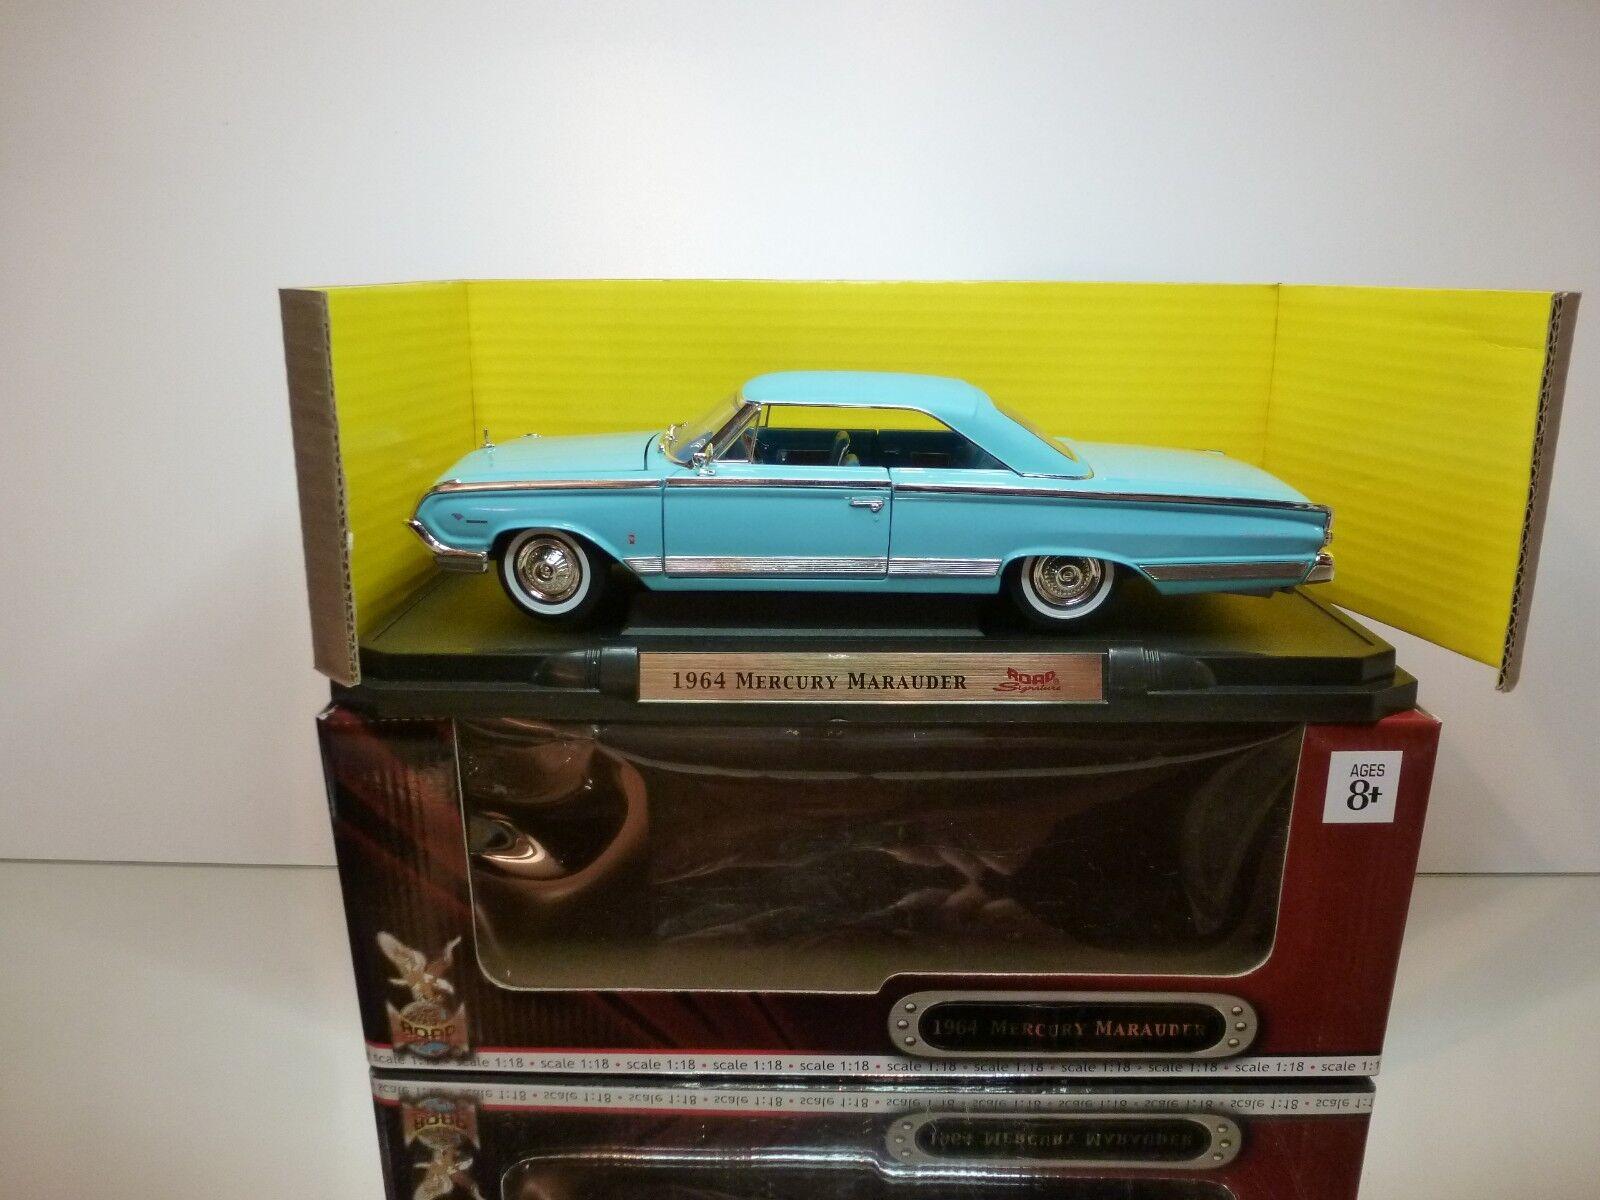 compra en línea hoy YATMING 92568 MERCURY MARAUDER 1964 PARKLANE - - - azul 1 18 - VERY GOOD IN BOX  Los mejores precios y los estilos más frescos.